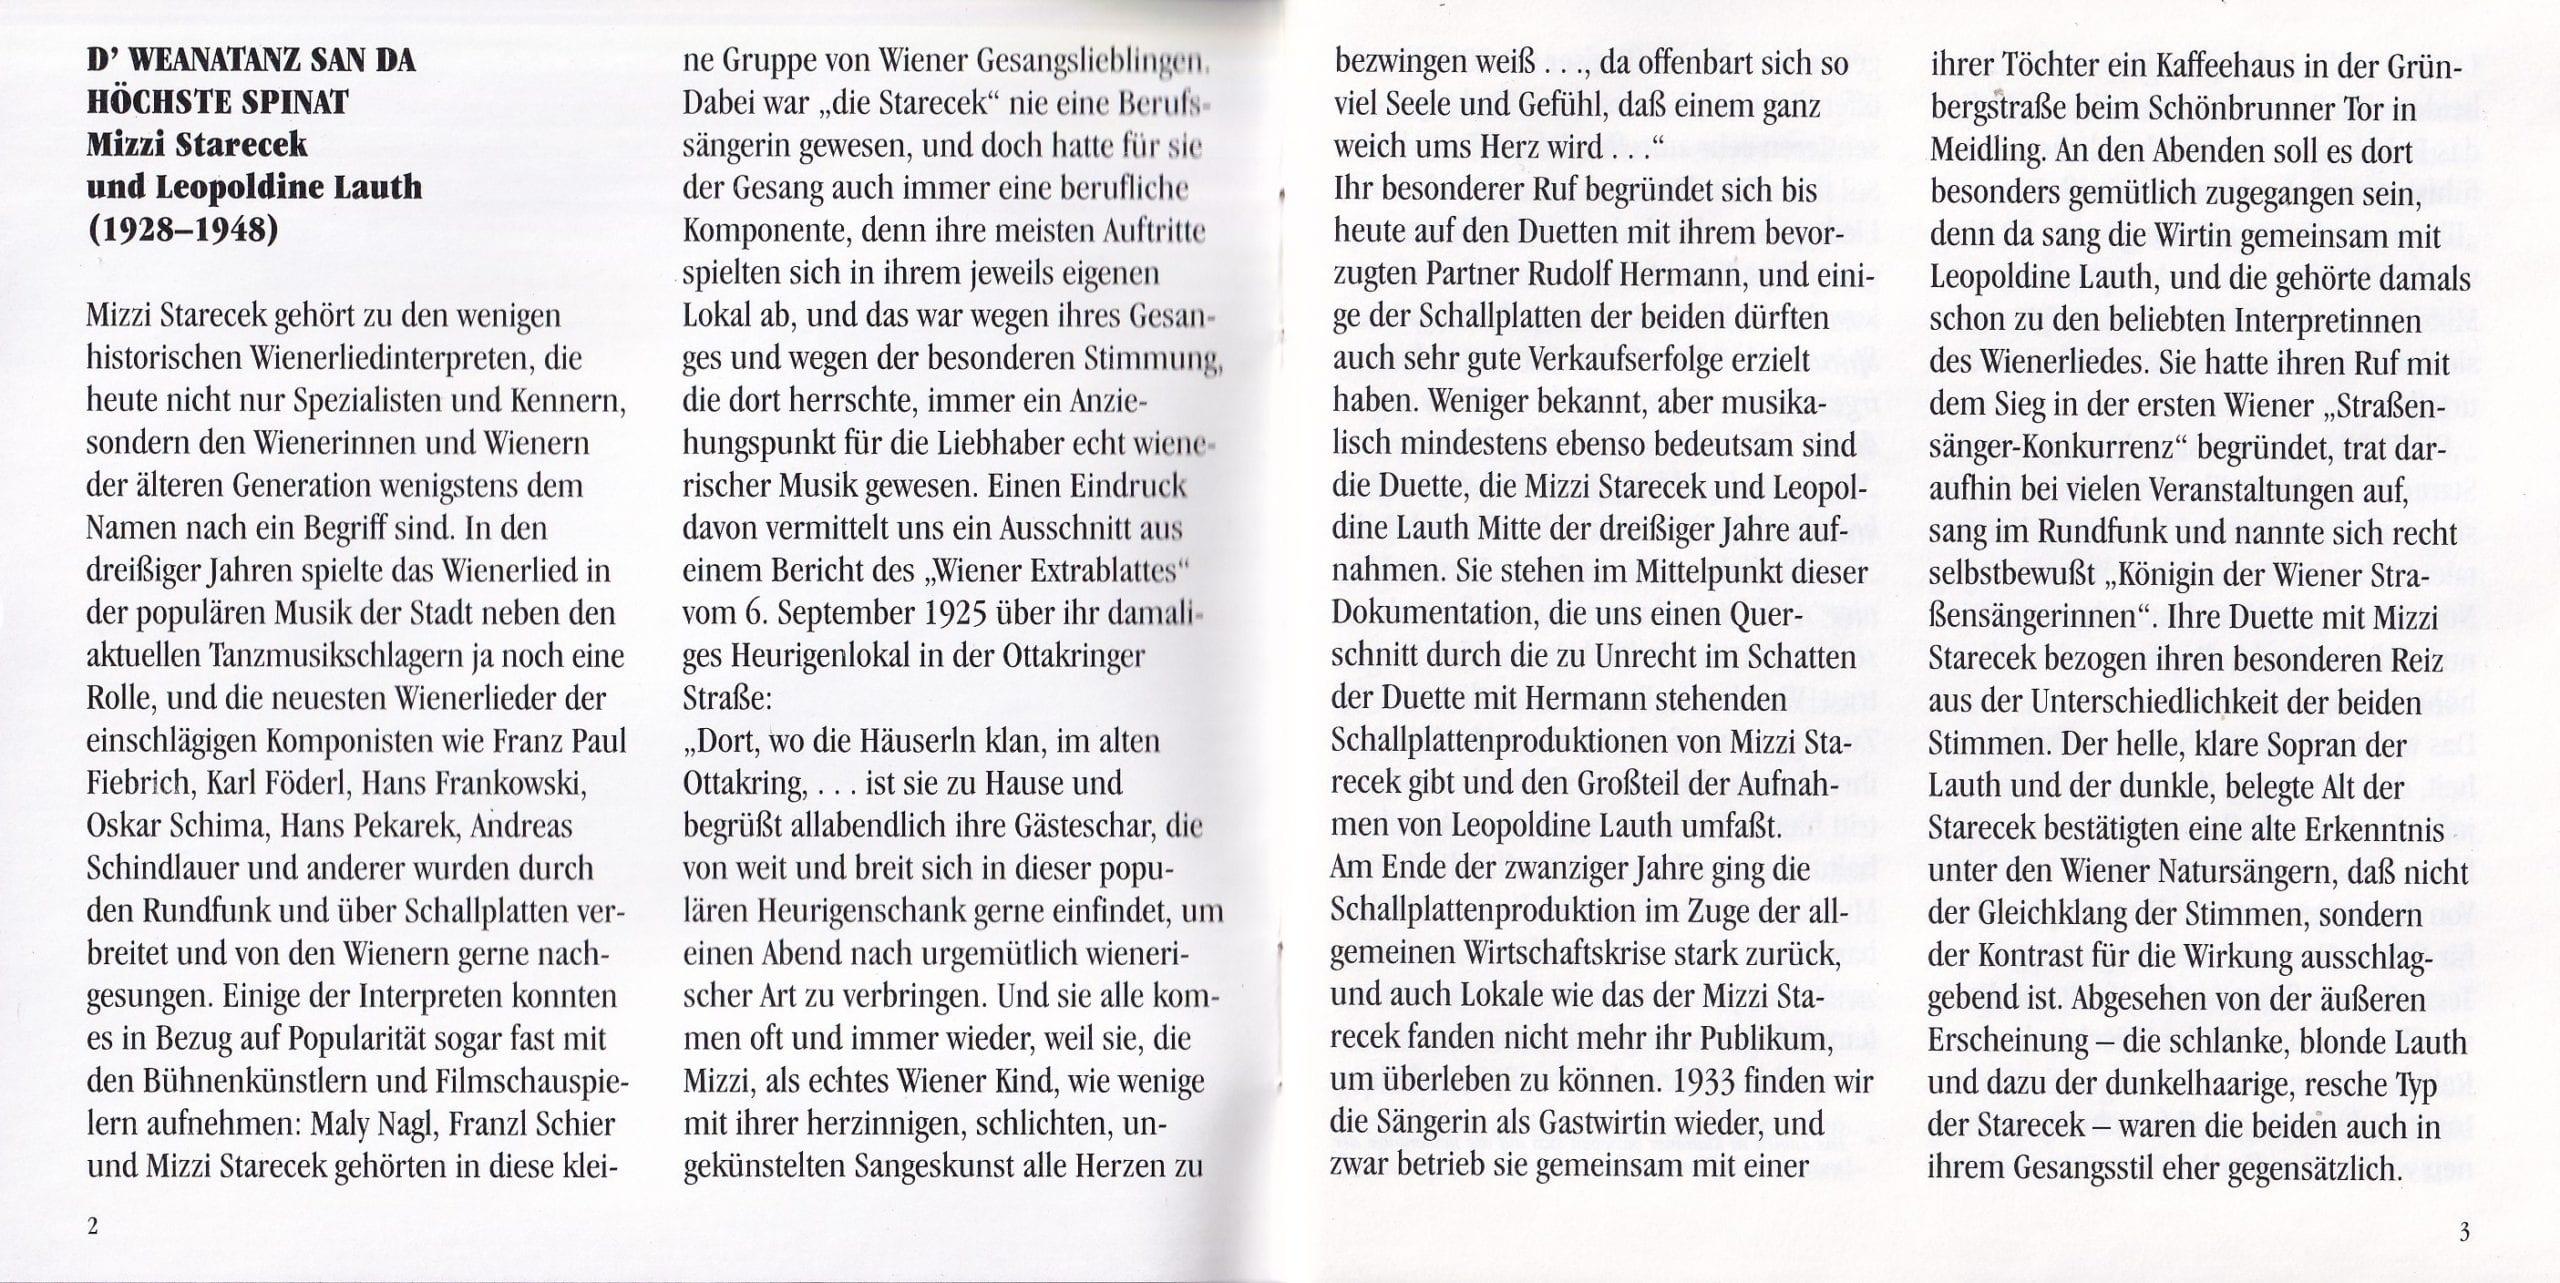 D Weanatanz san da höchste Spinat – Booklet – 2-3